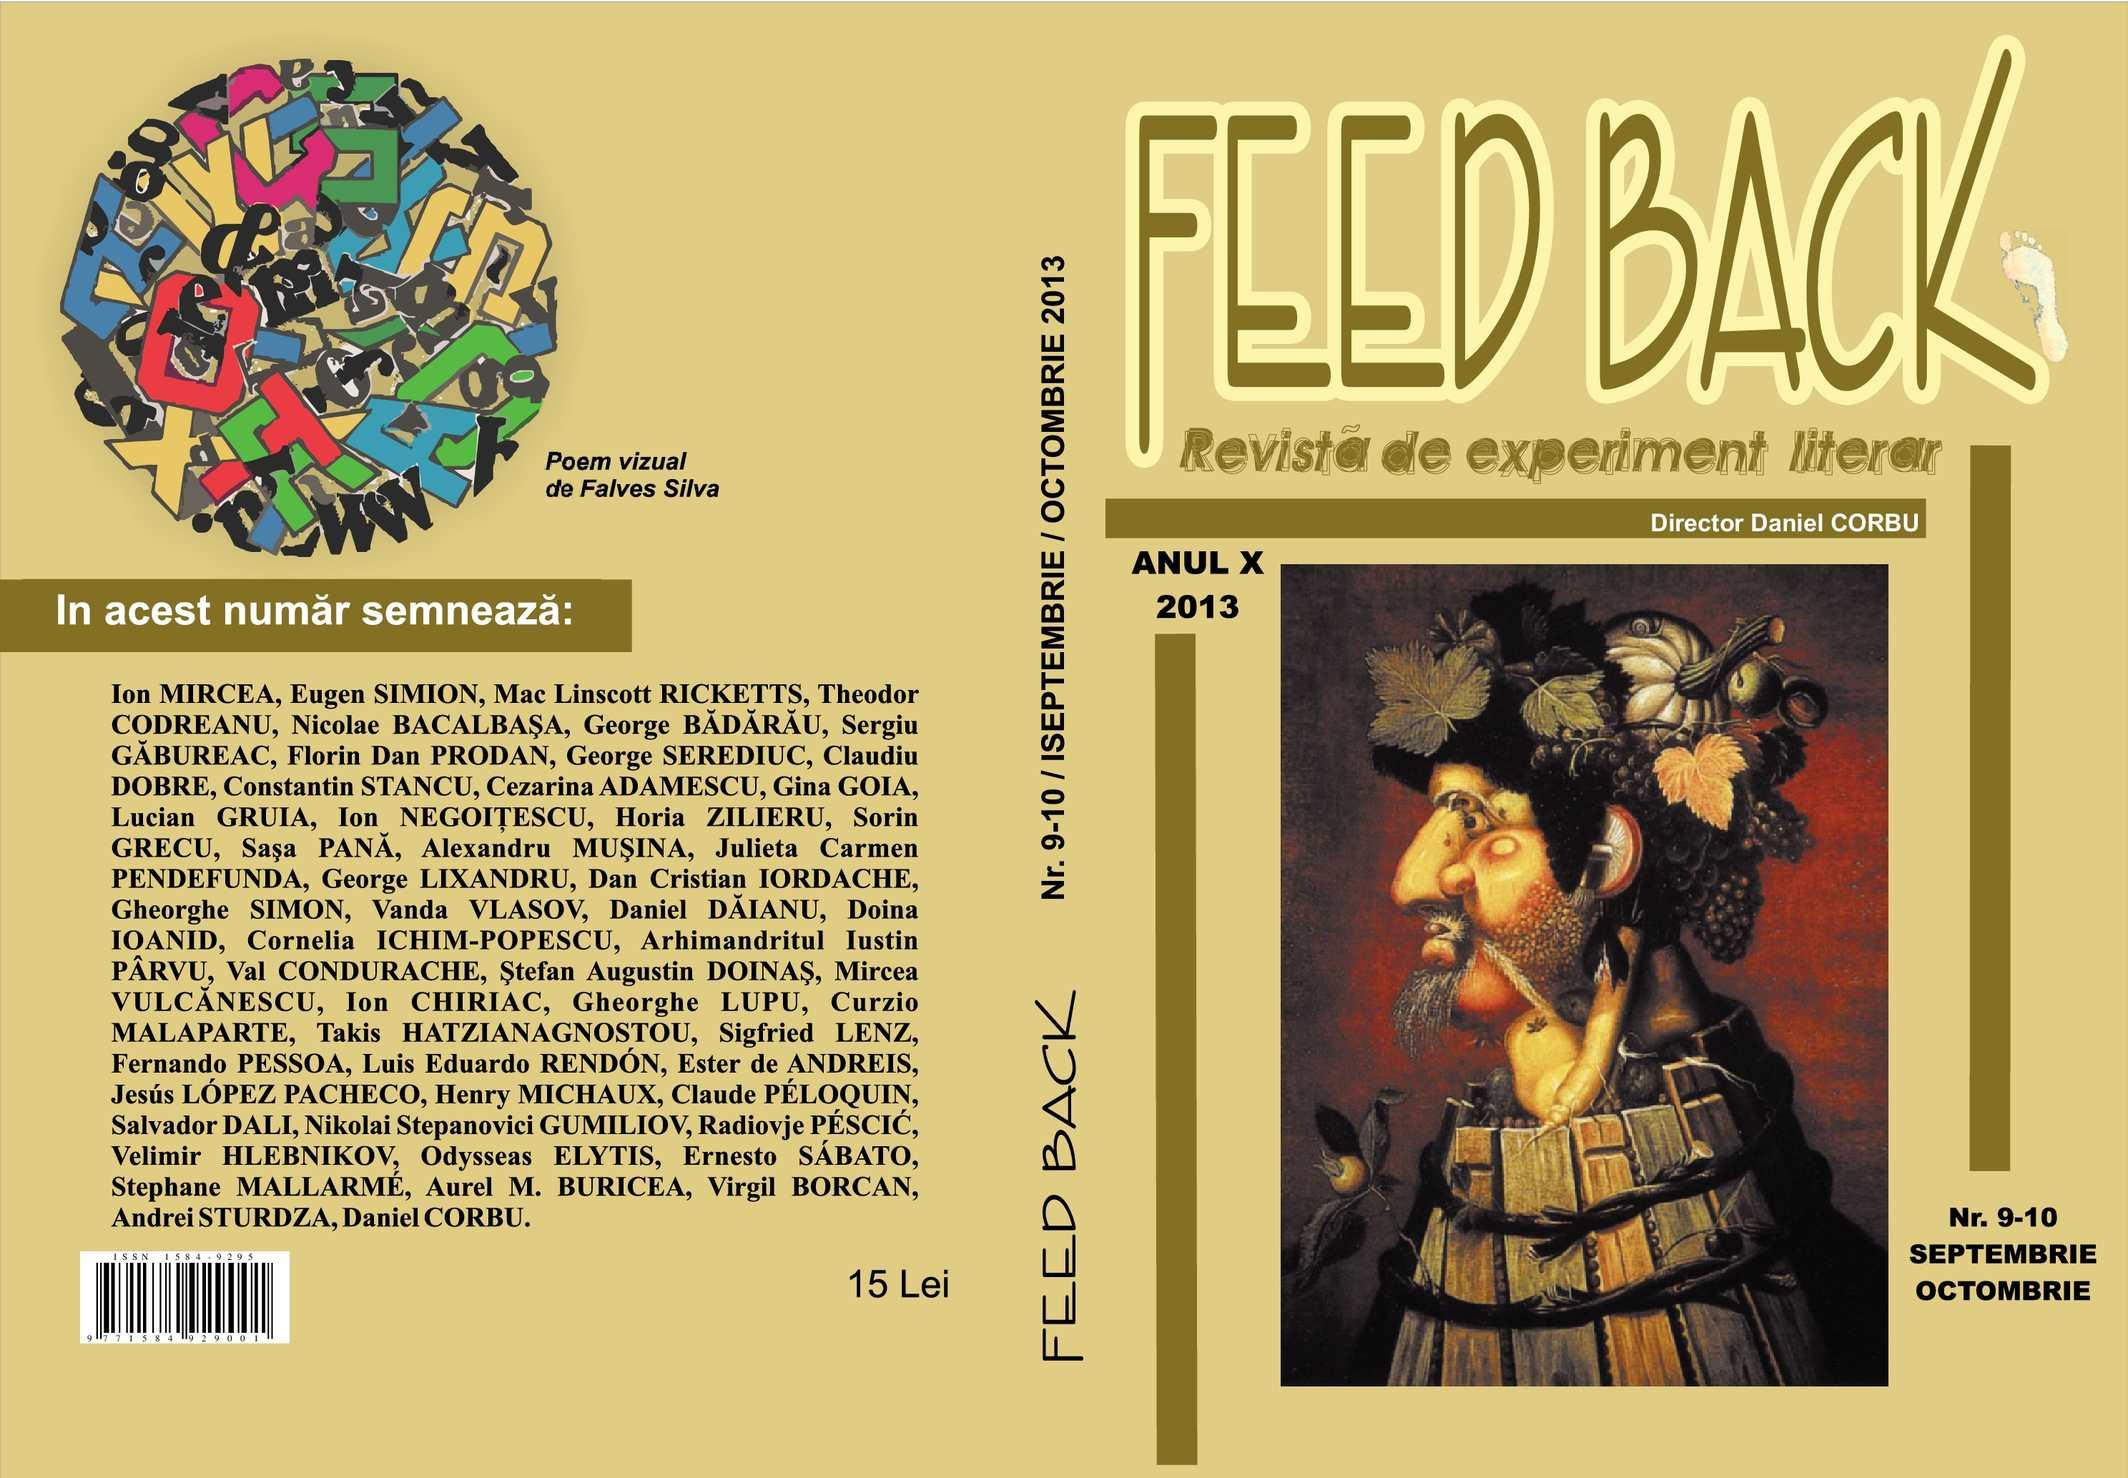 Cabina Estetica Nime : Calaméo revista feed back nr.9 10 2013